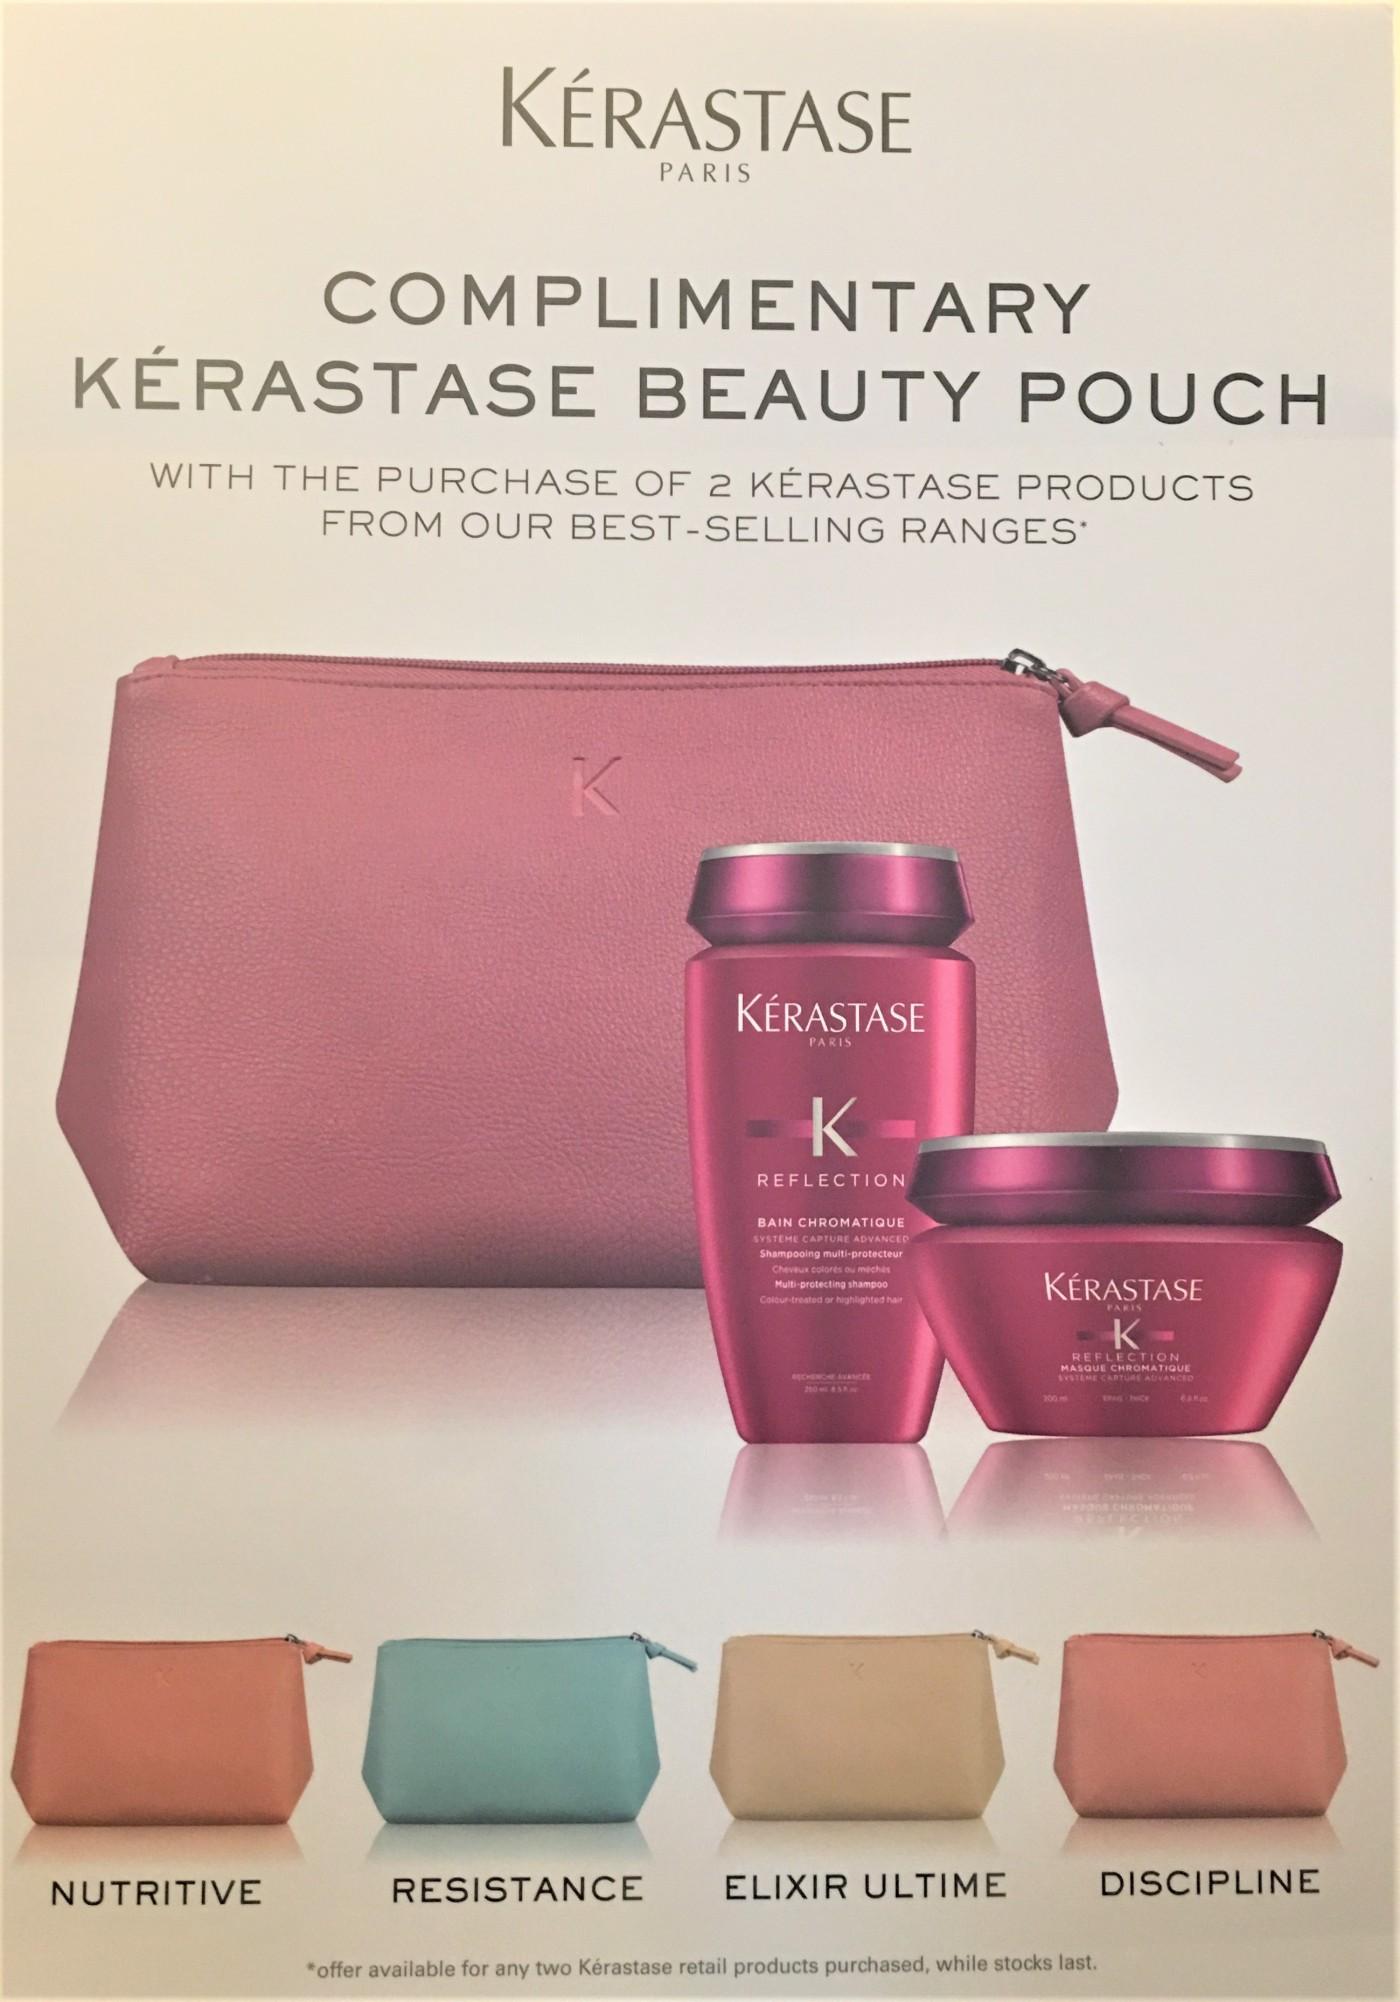 Kerastase Beauty Pouch